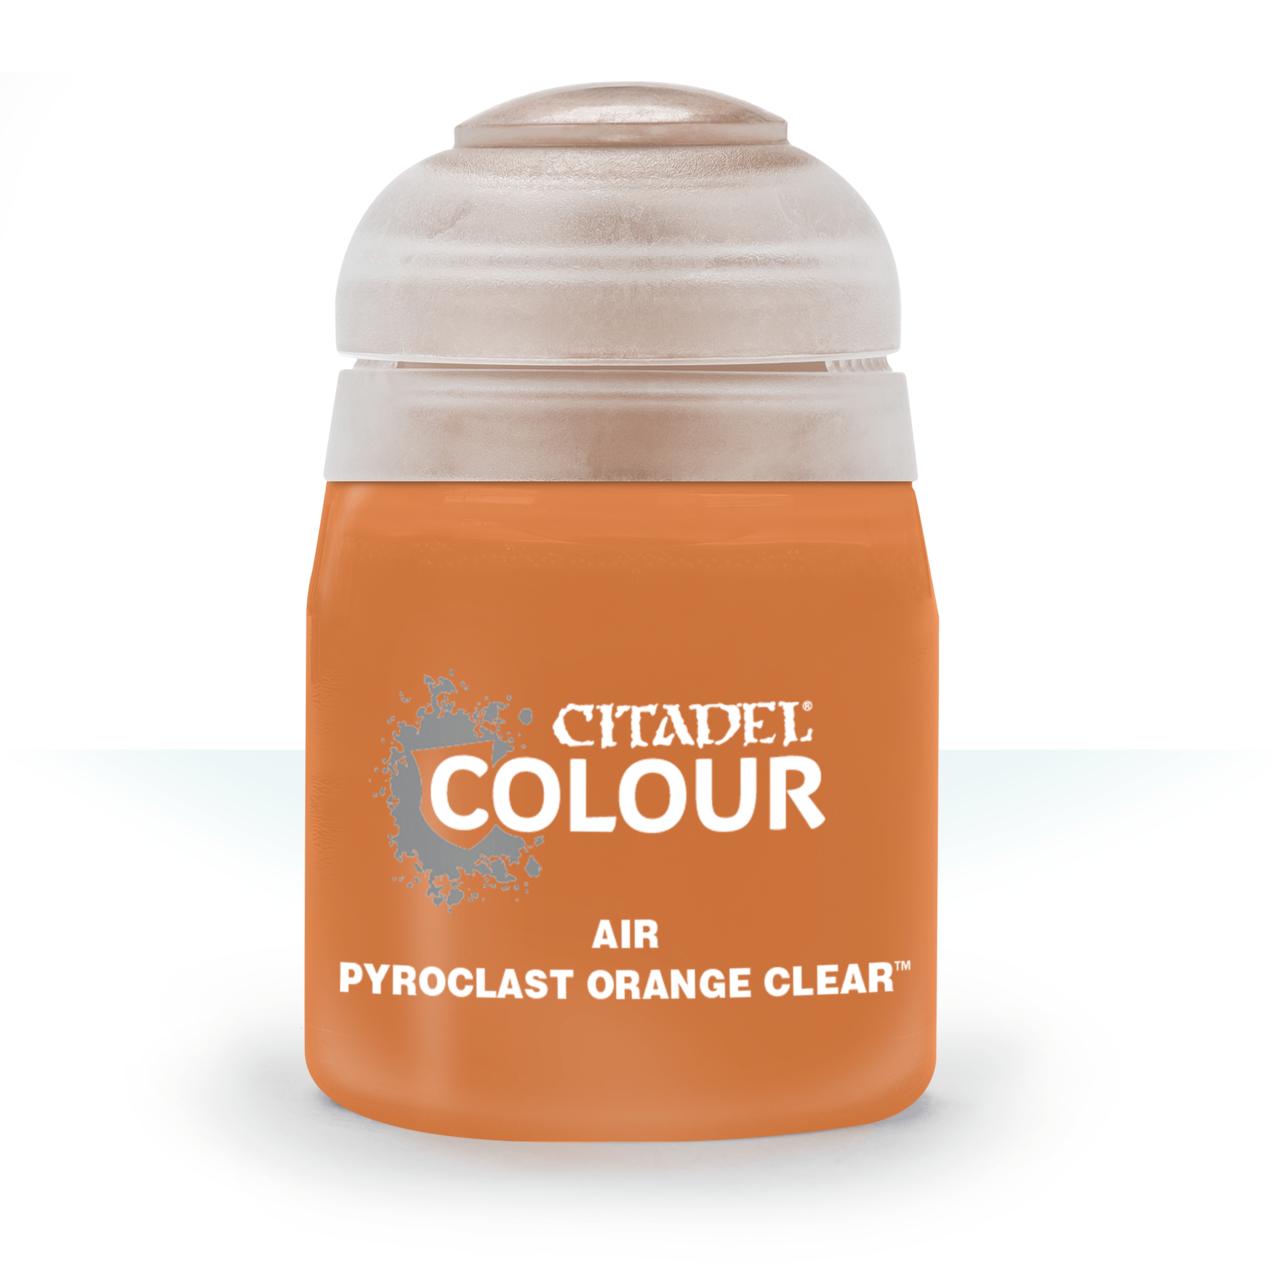 Afbeelding van het spel Pyroclast Orange Clear - Air (Citadel)